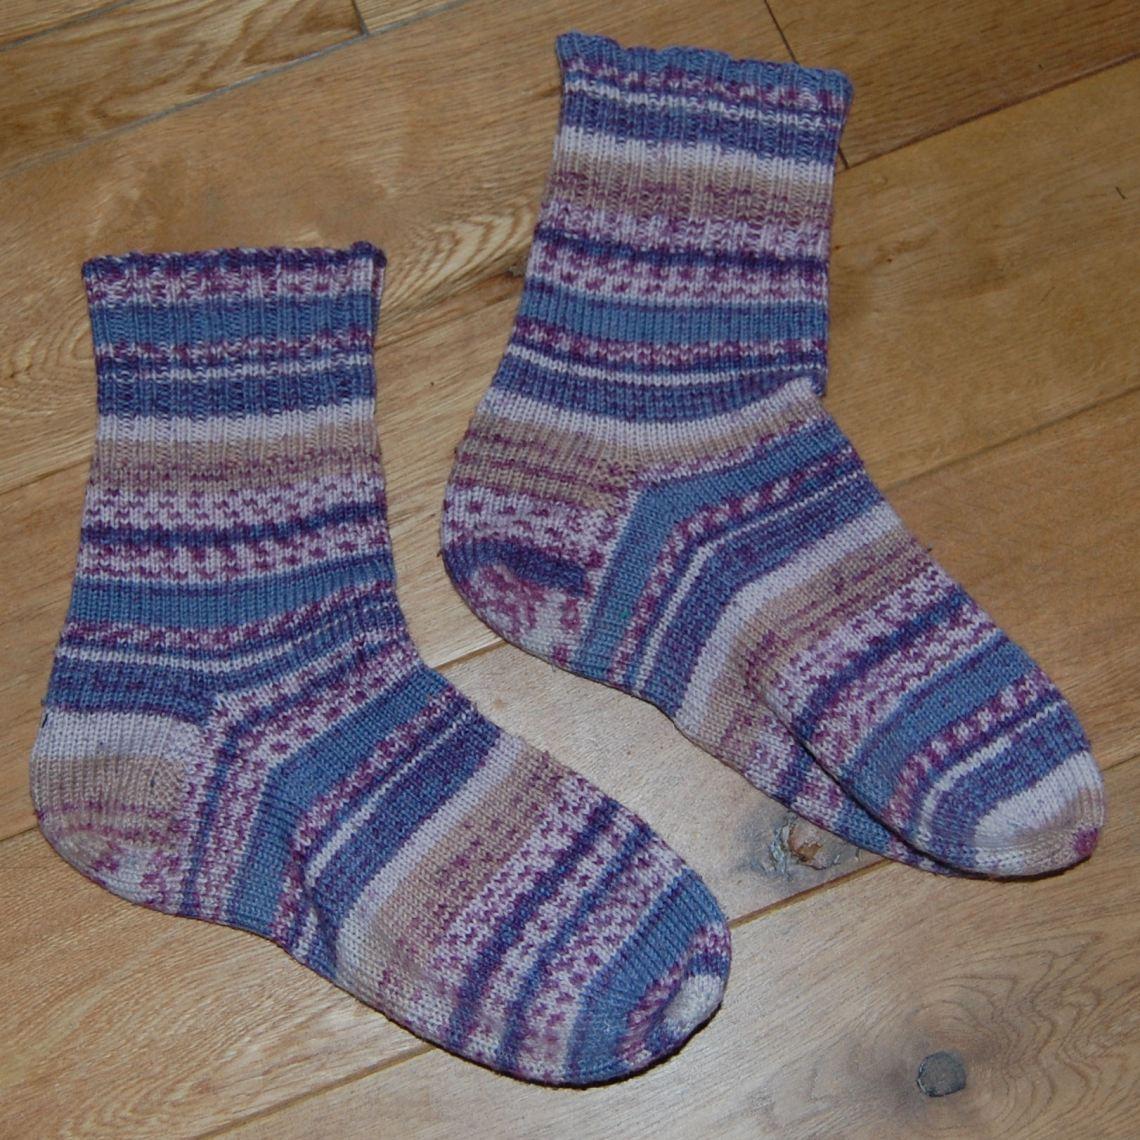 zelfgebreide sokken in paarstinten van studio paars